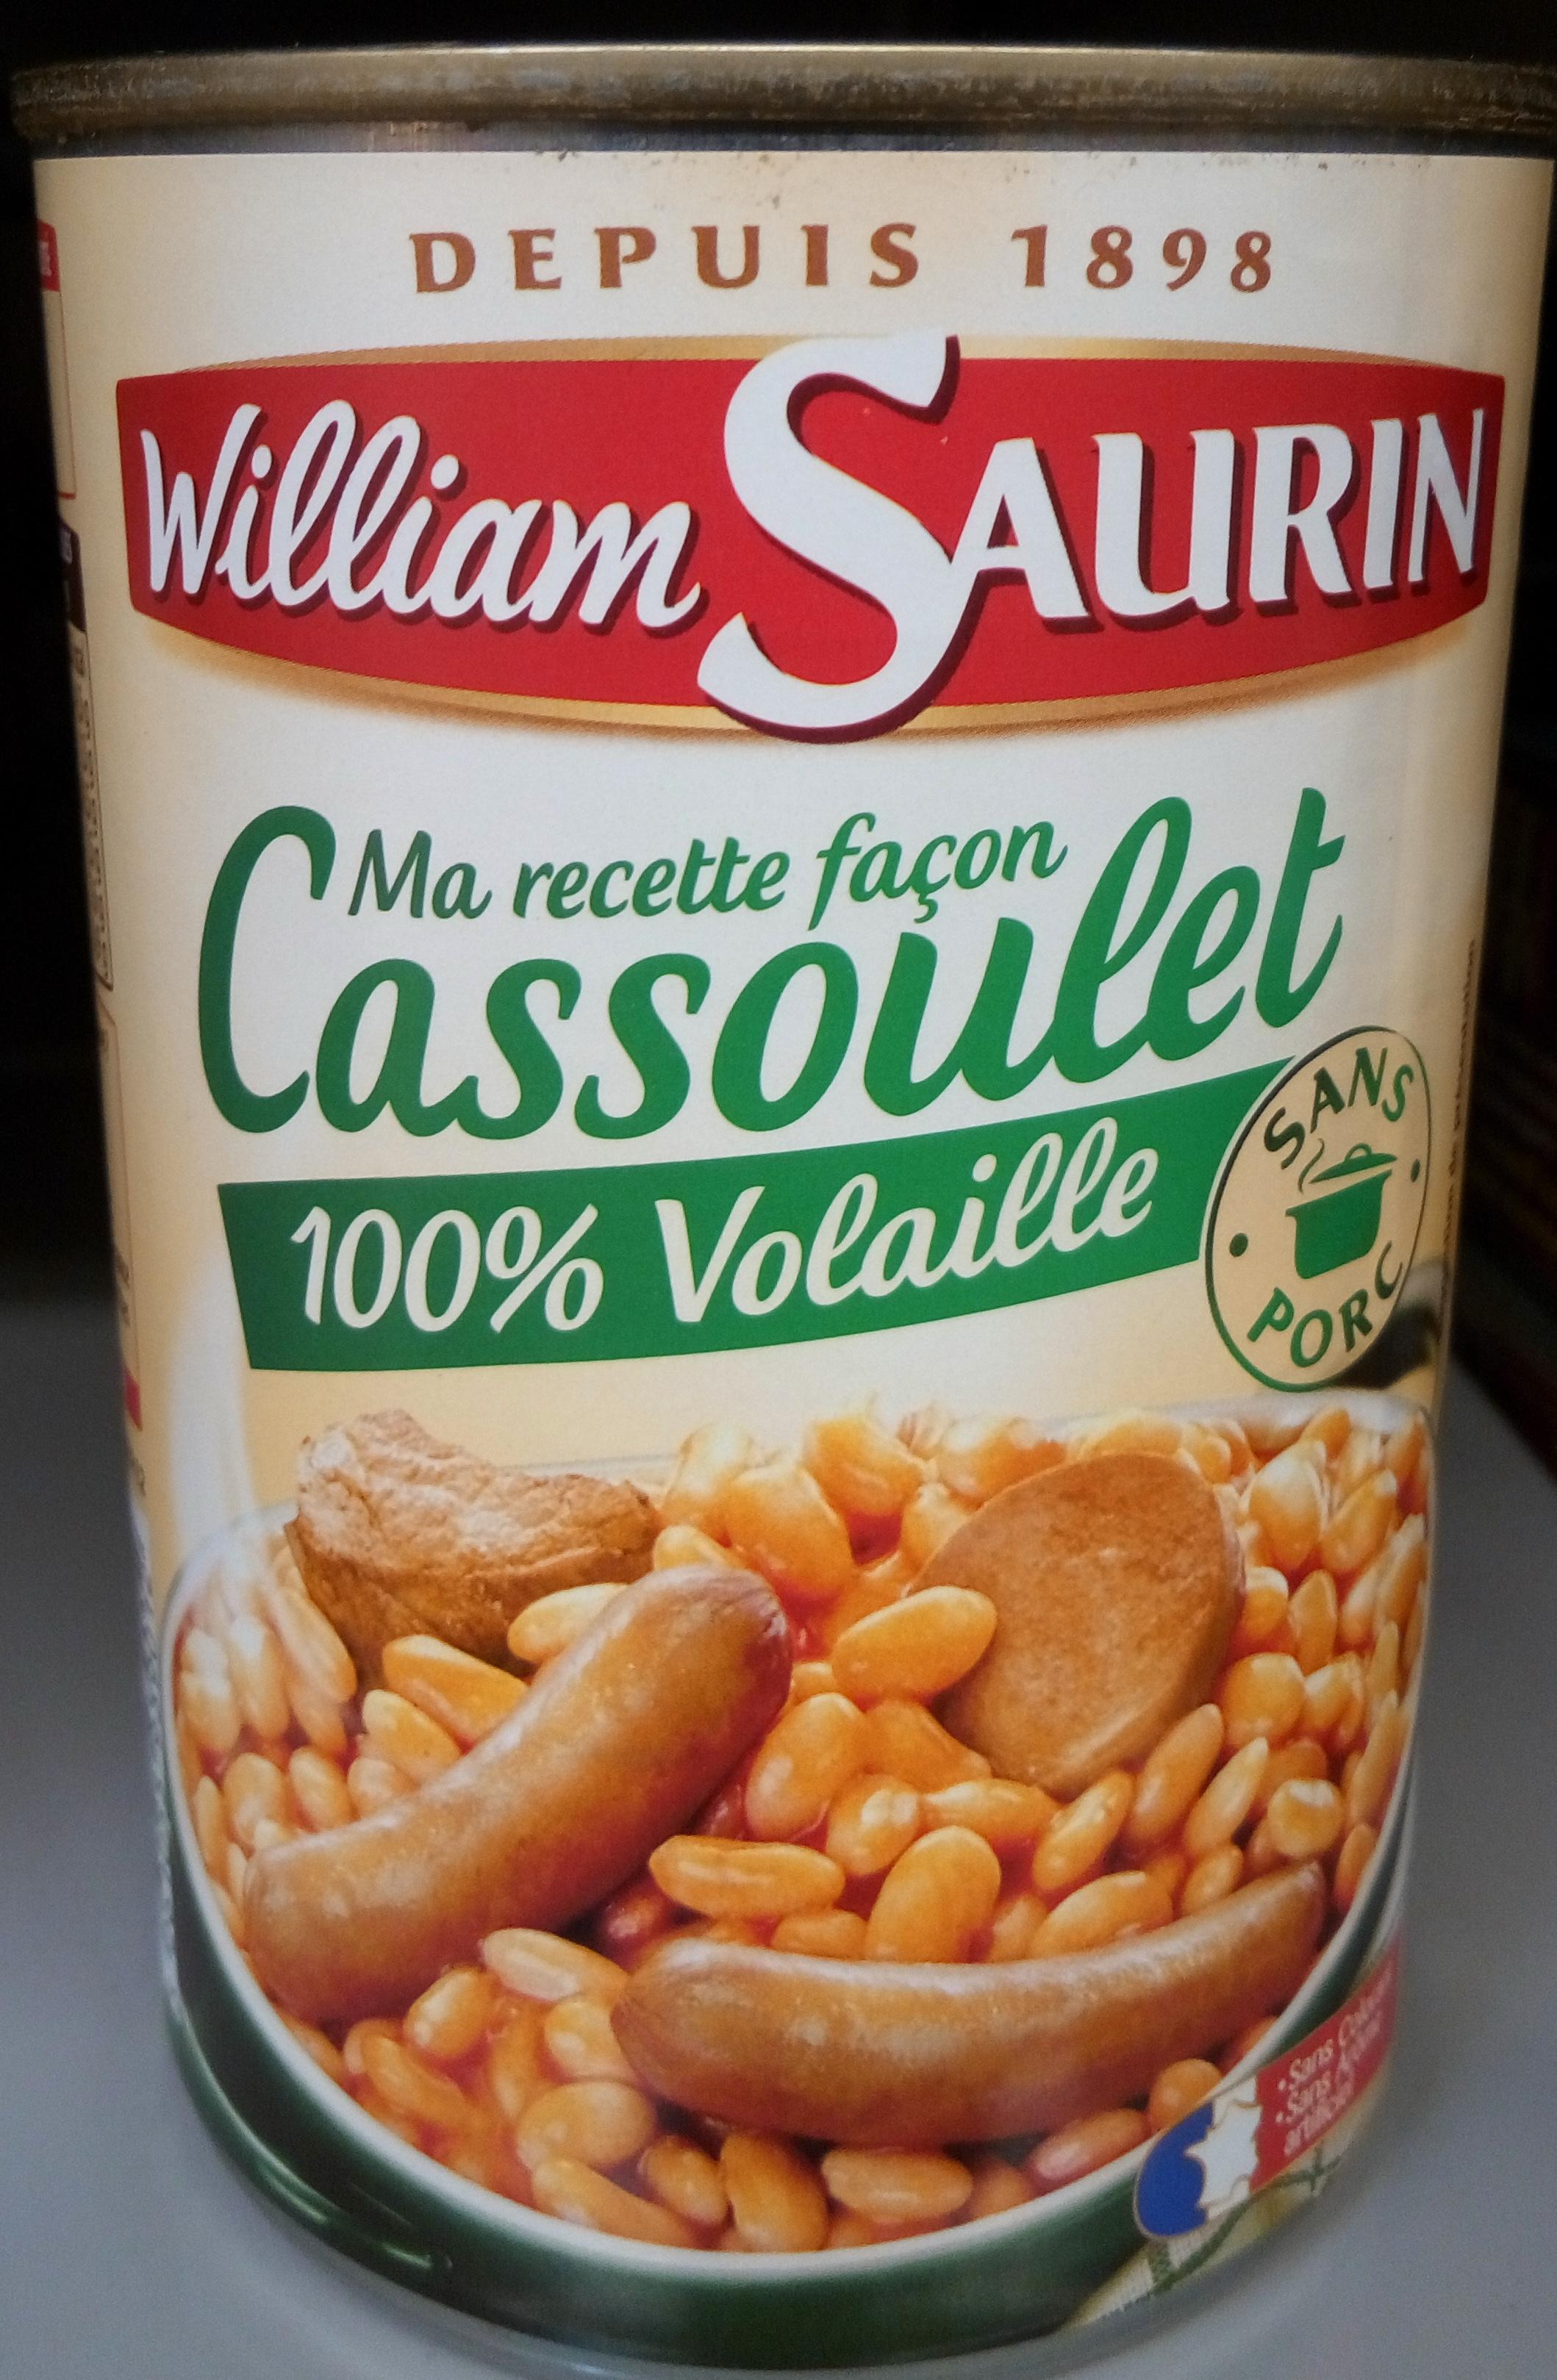 Ma recette façon Cassoulet 100 % volaille - Produit